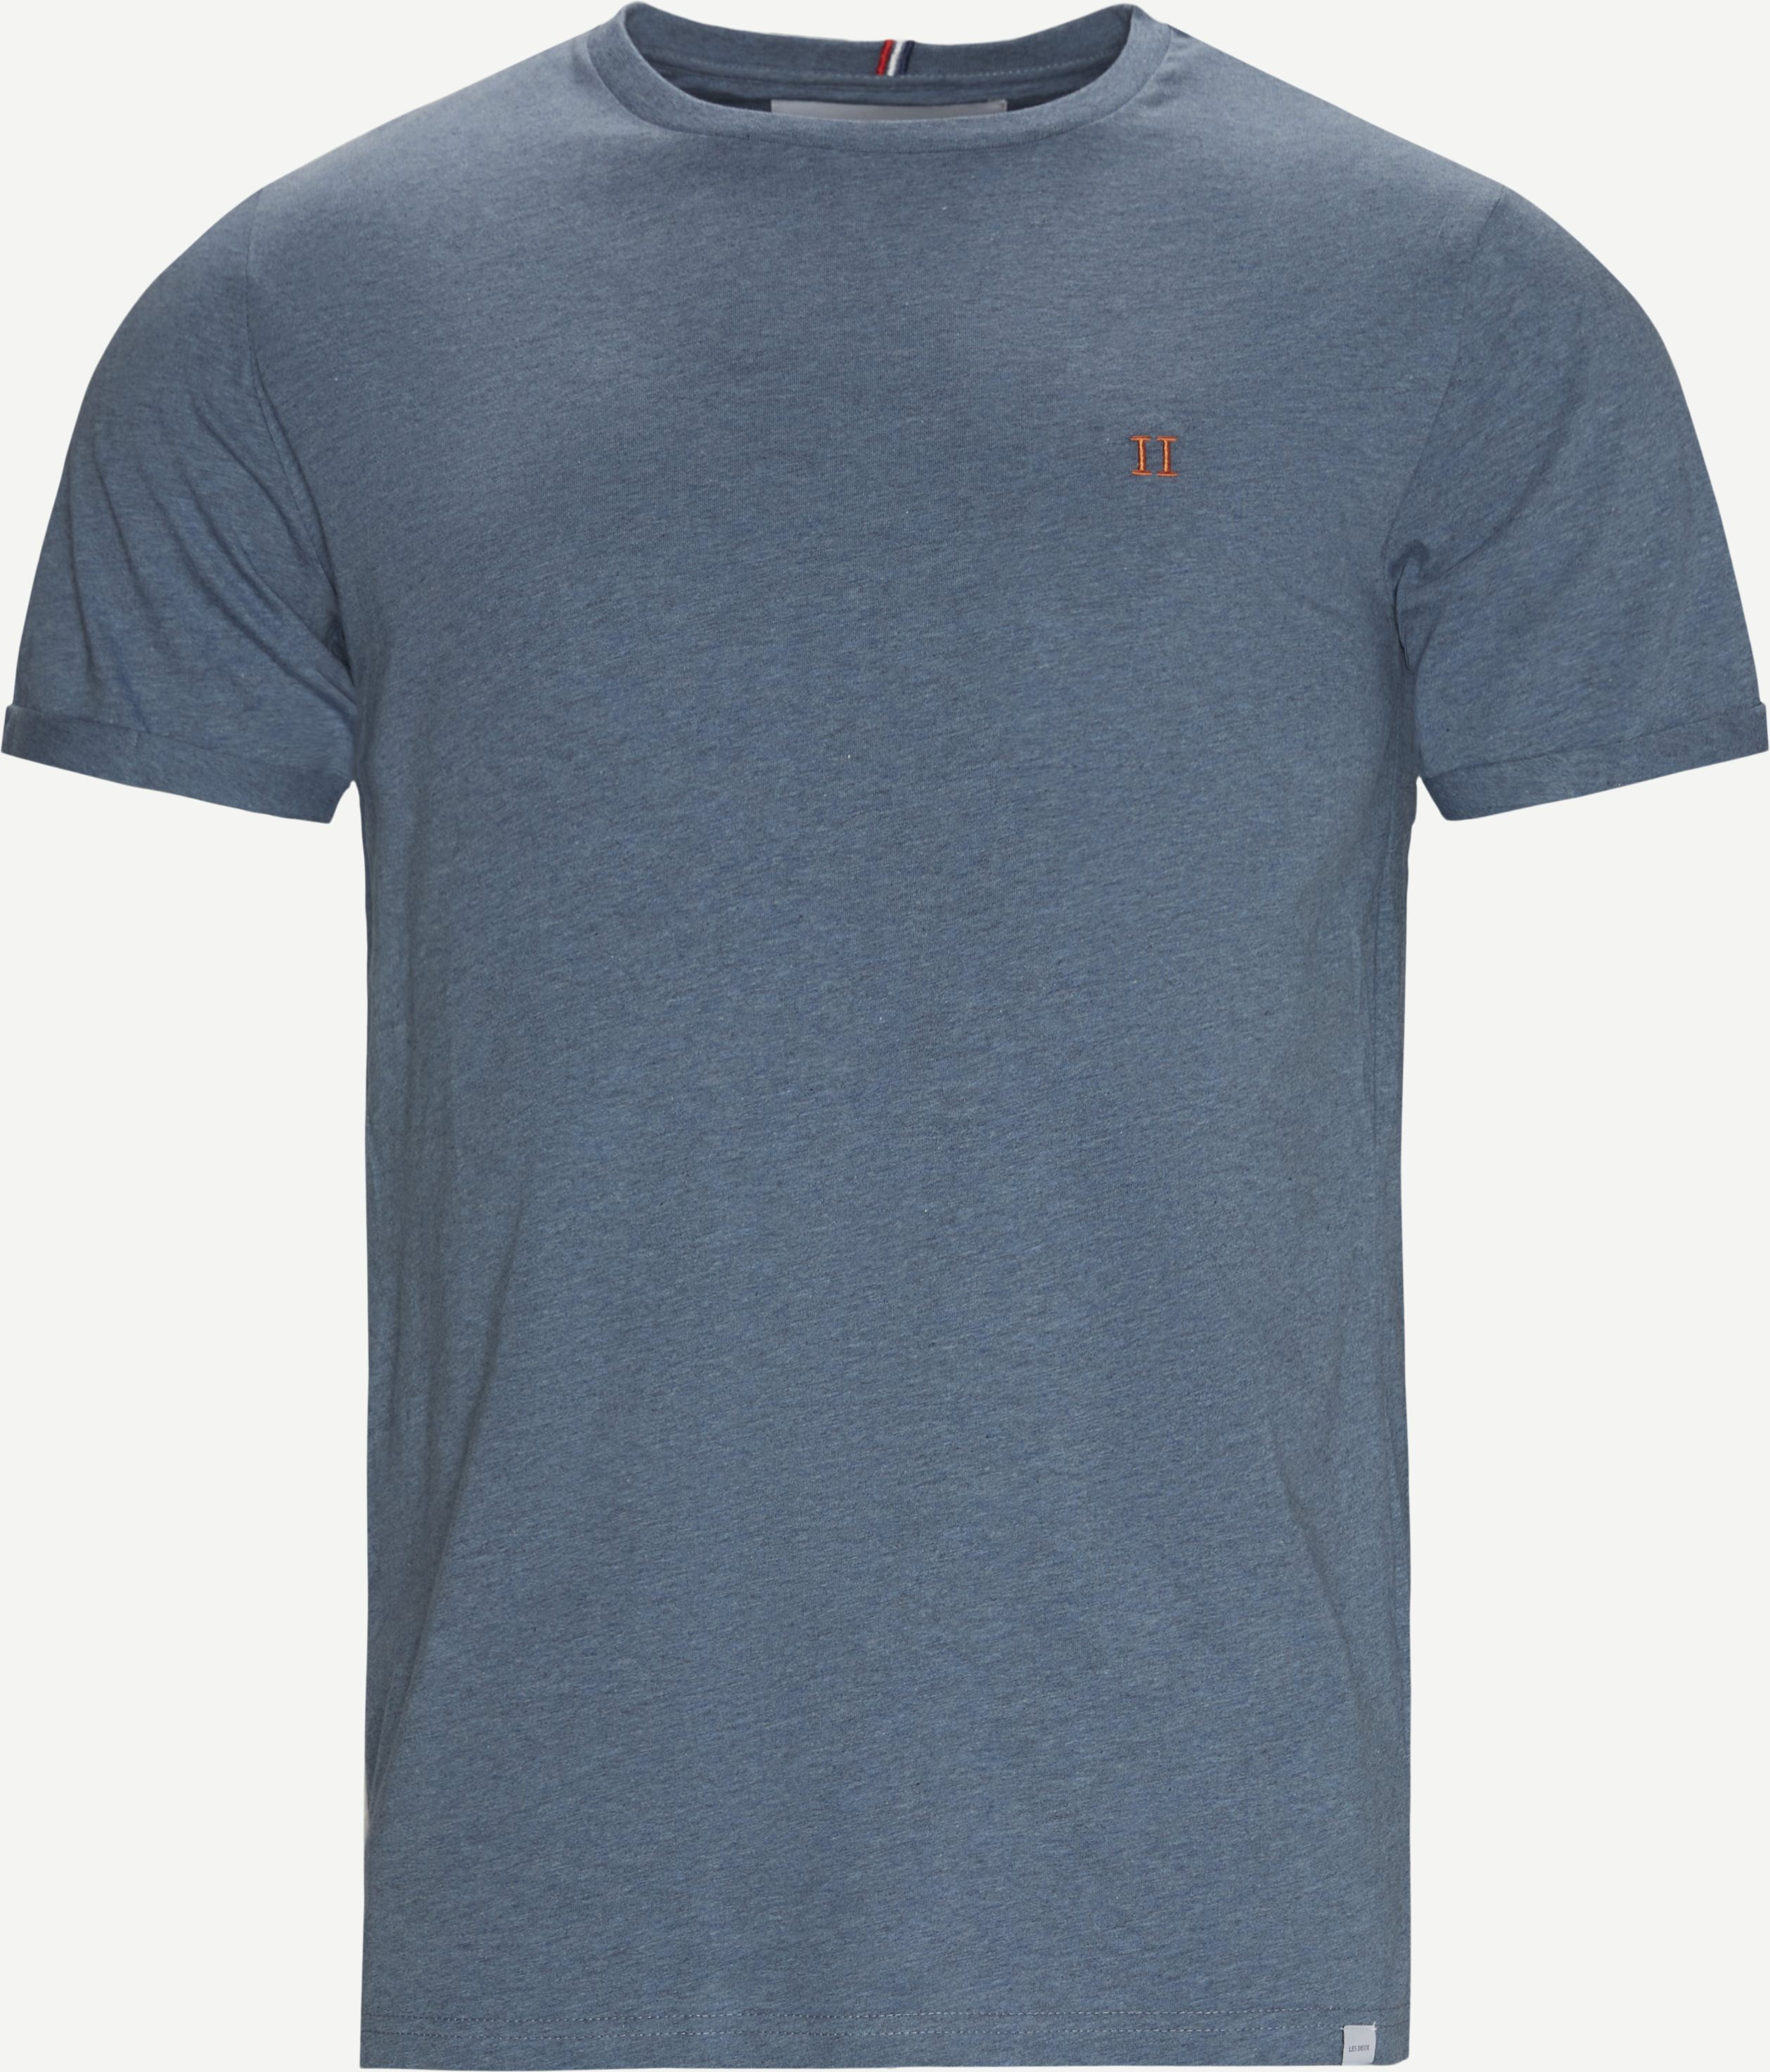 Nørregaard T-shirt - T-shirts - Regular fit - Blå